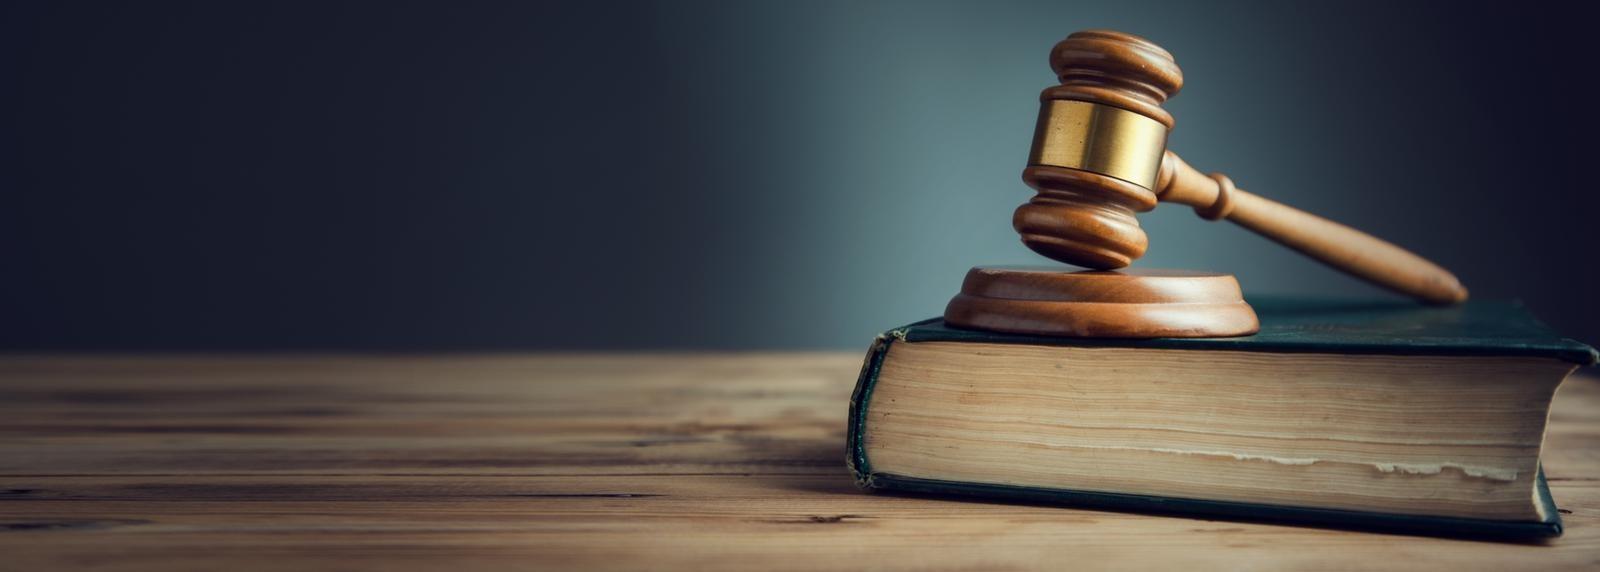 Sarı & Kılıç Ortak Avukatlık Bürosu | LinkedIn